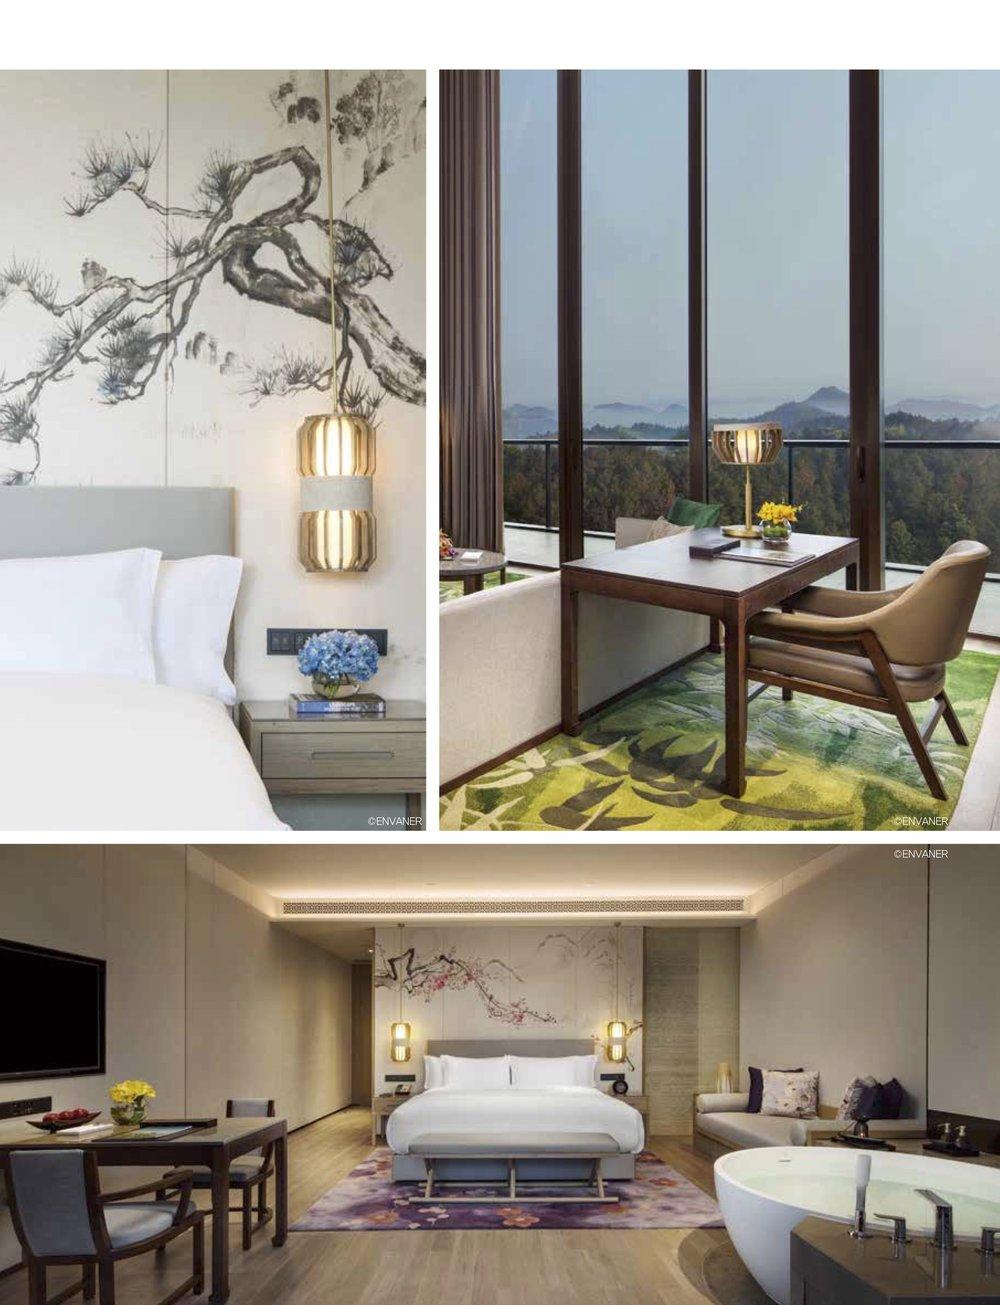 201812 韩国Interiors 安吉悦榕庄度假酒店 10.jpg